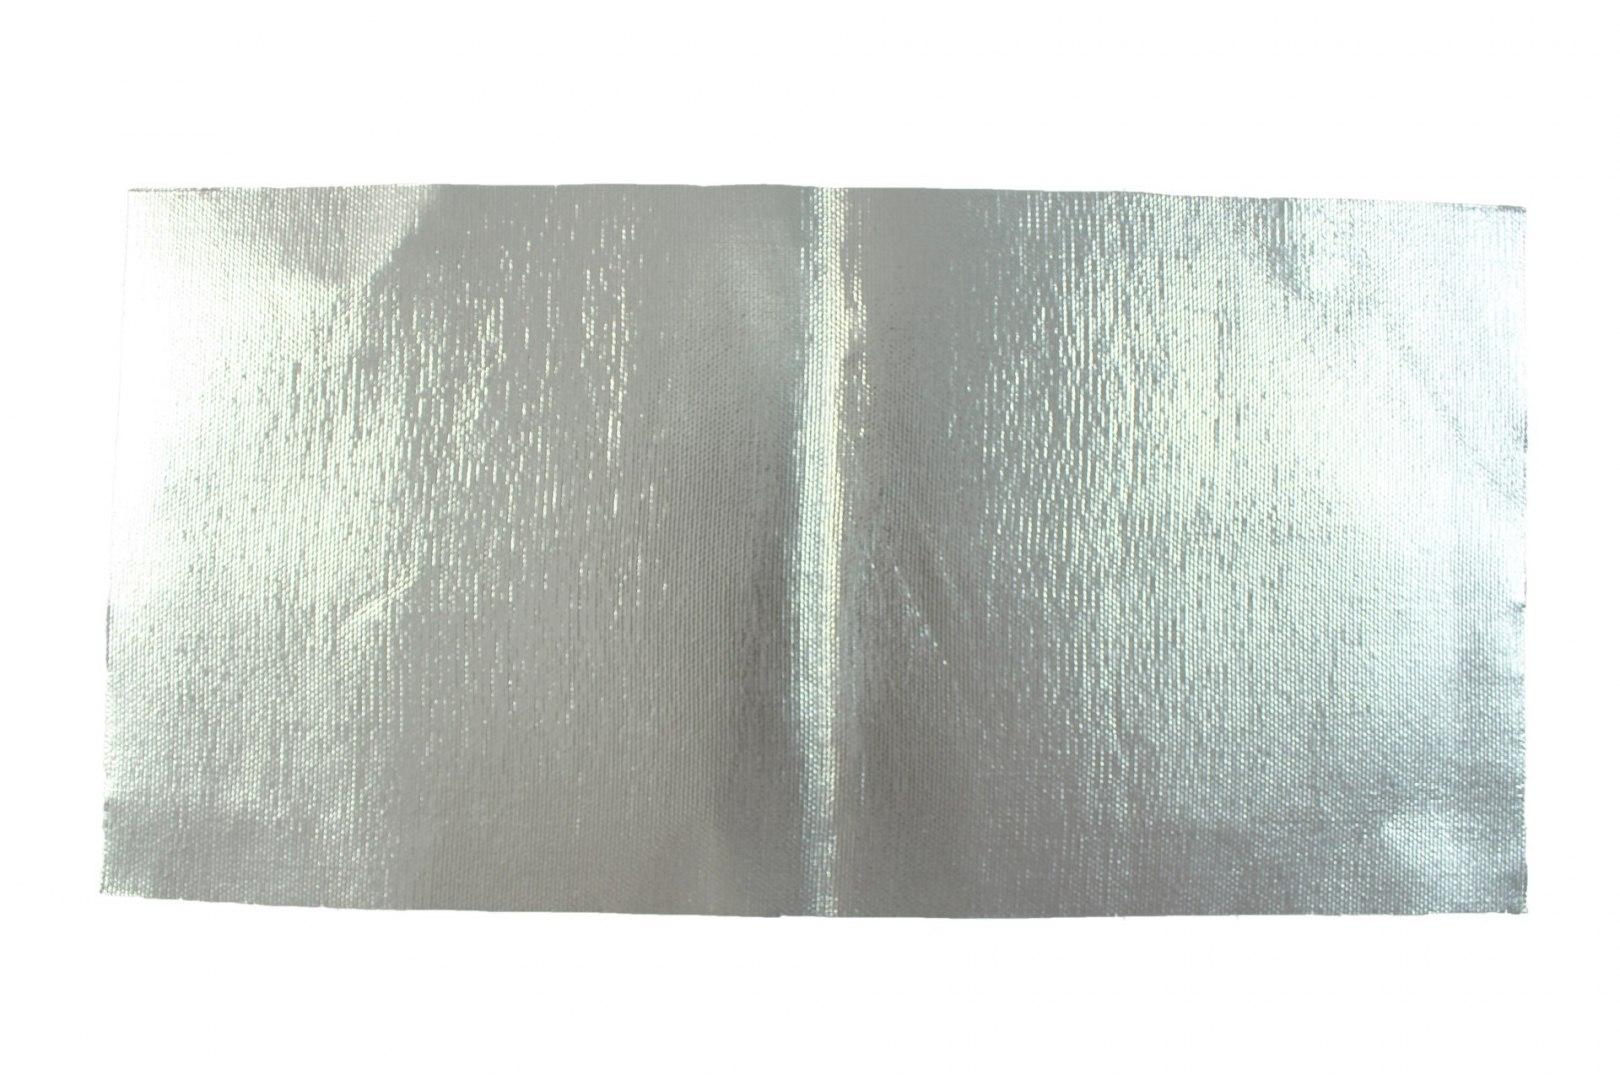 Mata termiczna TurboWorks -Aluminiowa- 30x60cm, 0.8mm Samoprzylepna - GRUBYGARAGE - Sklep Tuningowy